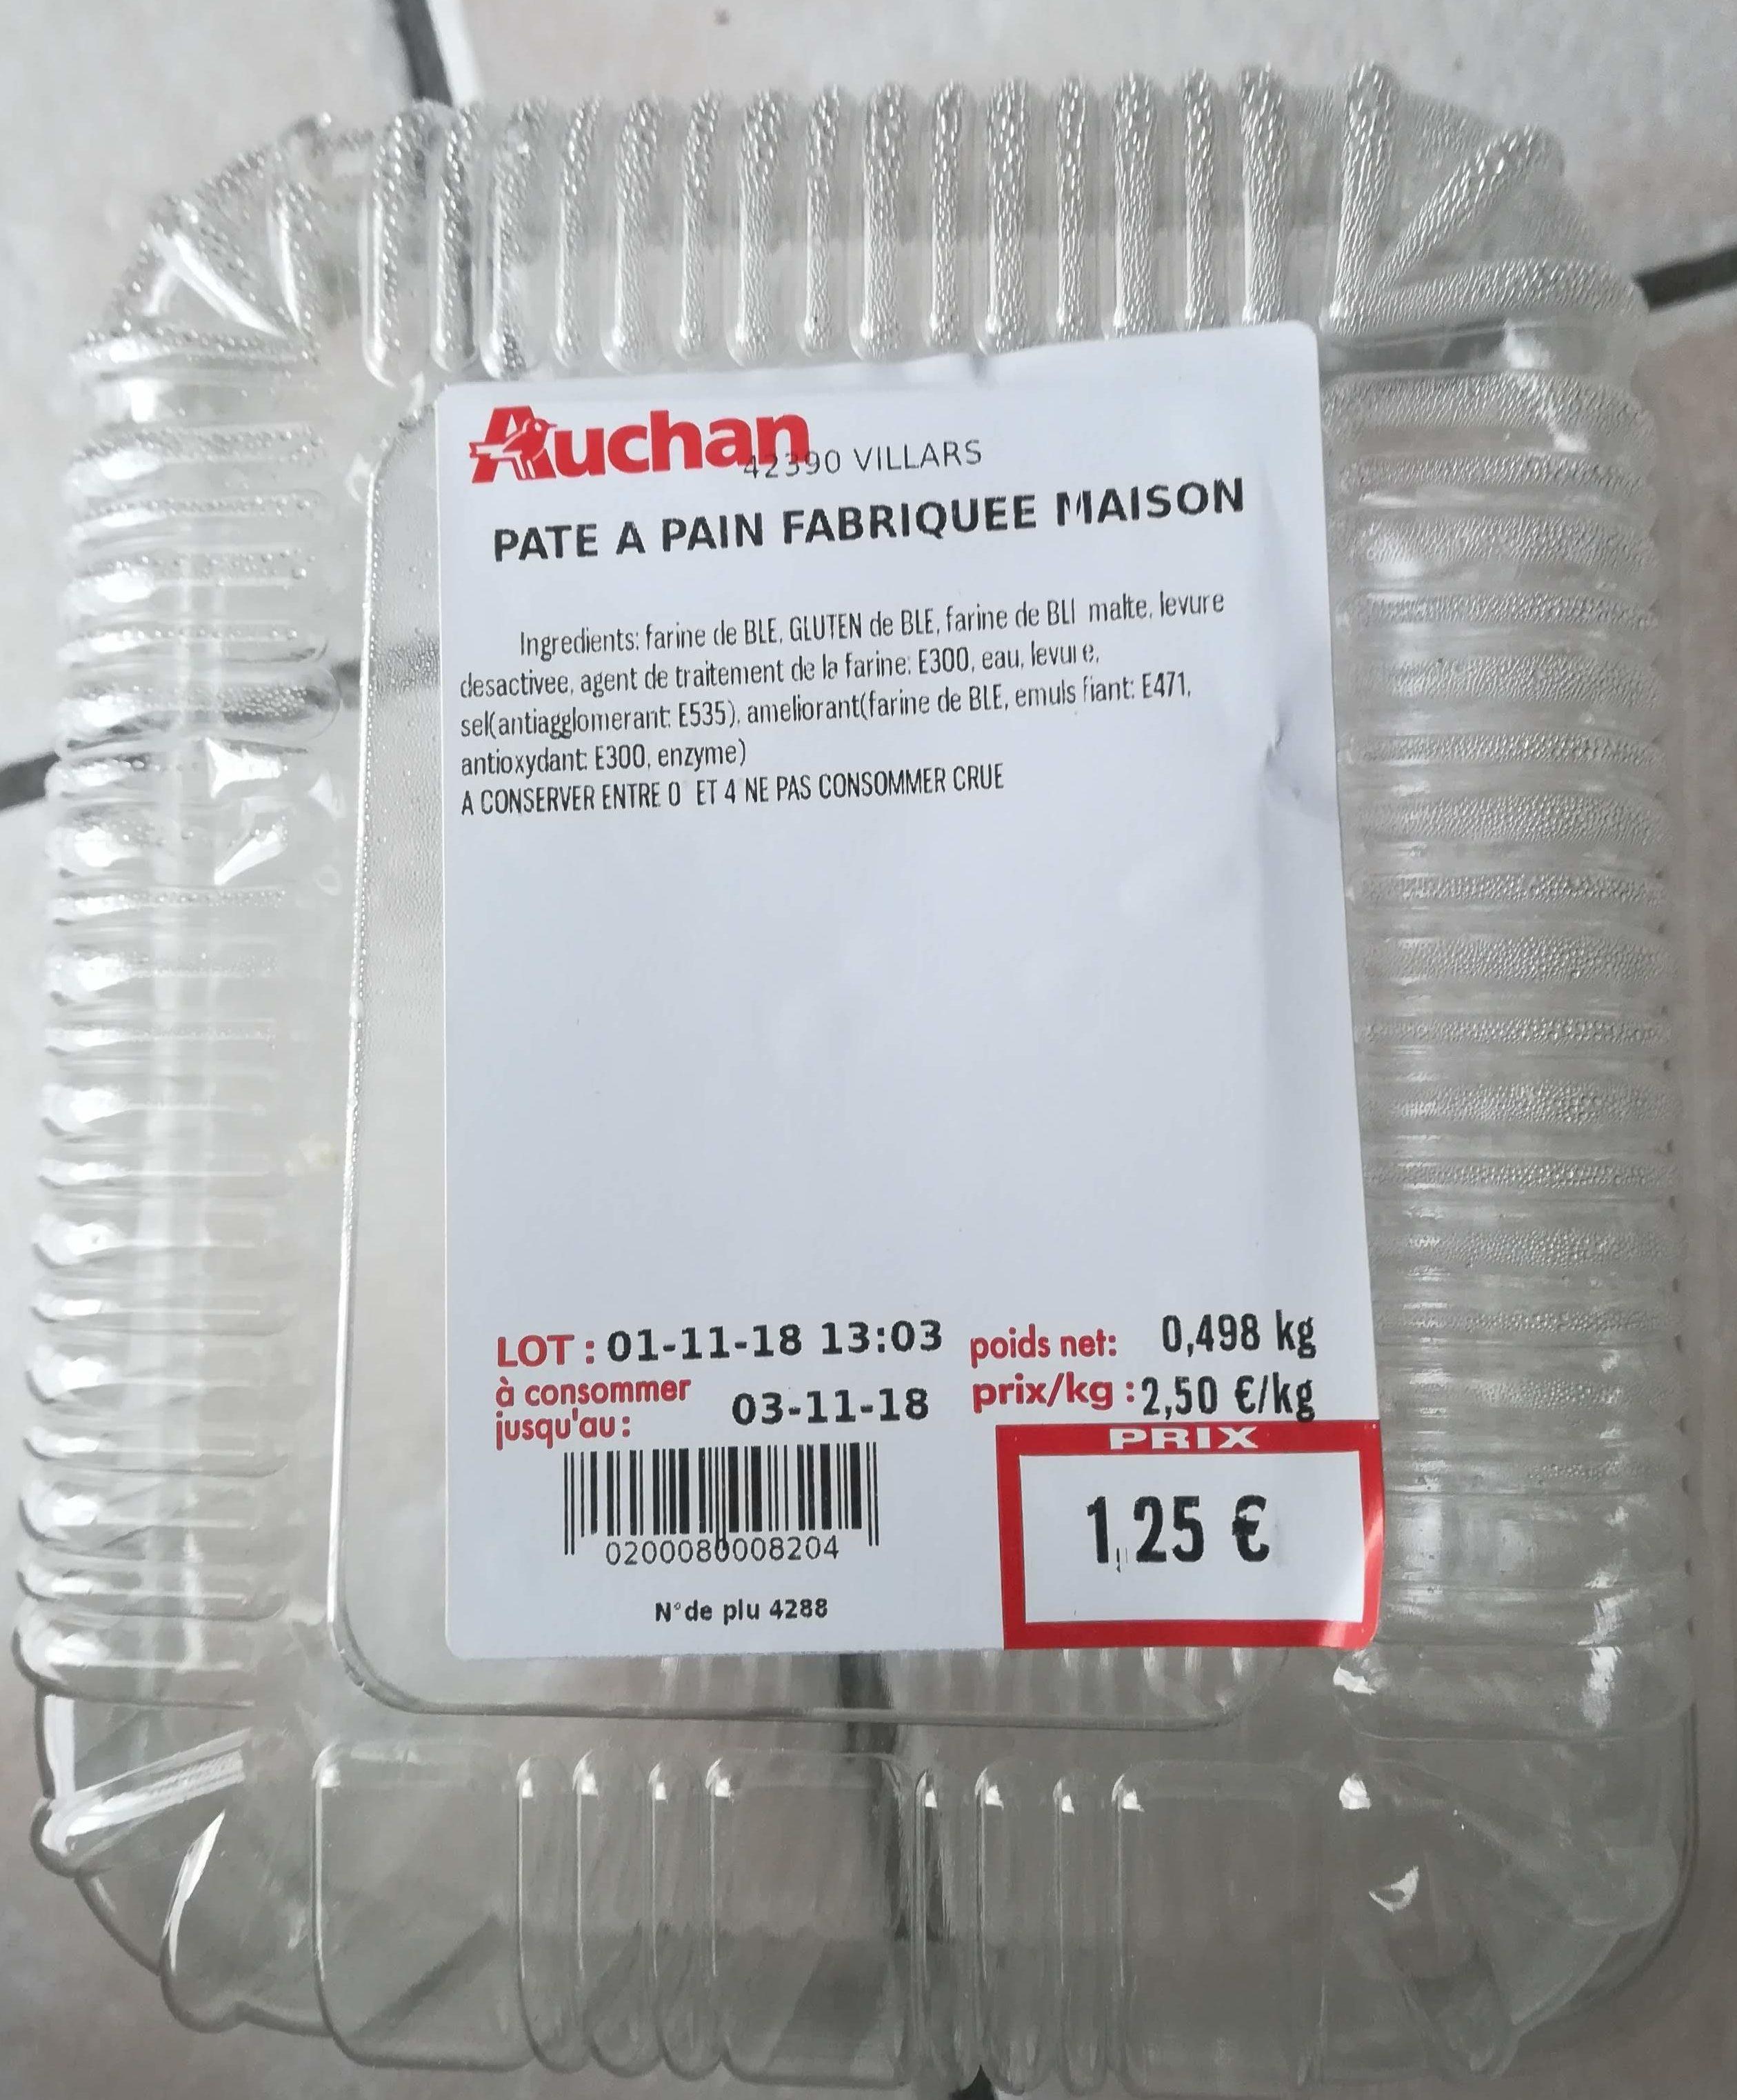 Auchan pate à pain fabriquée maison - Product - fr